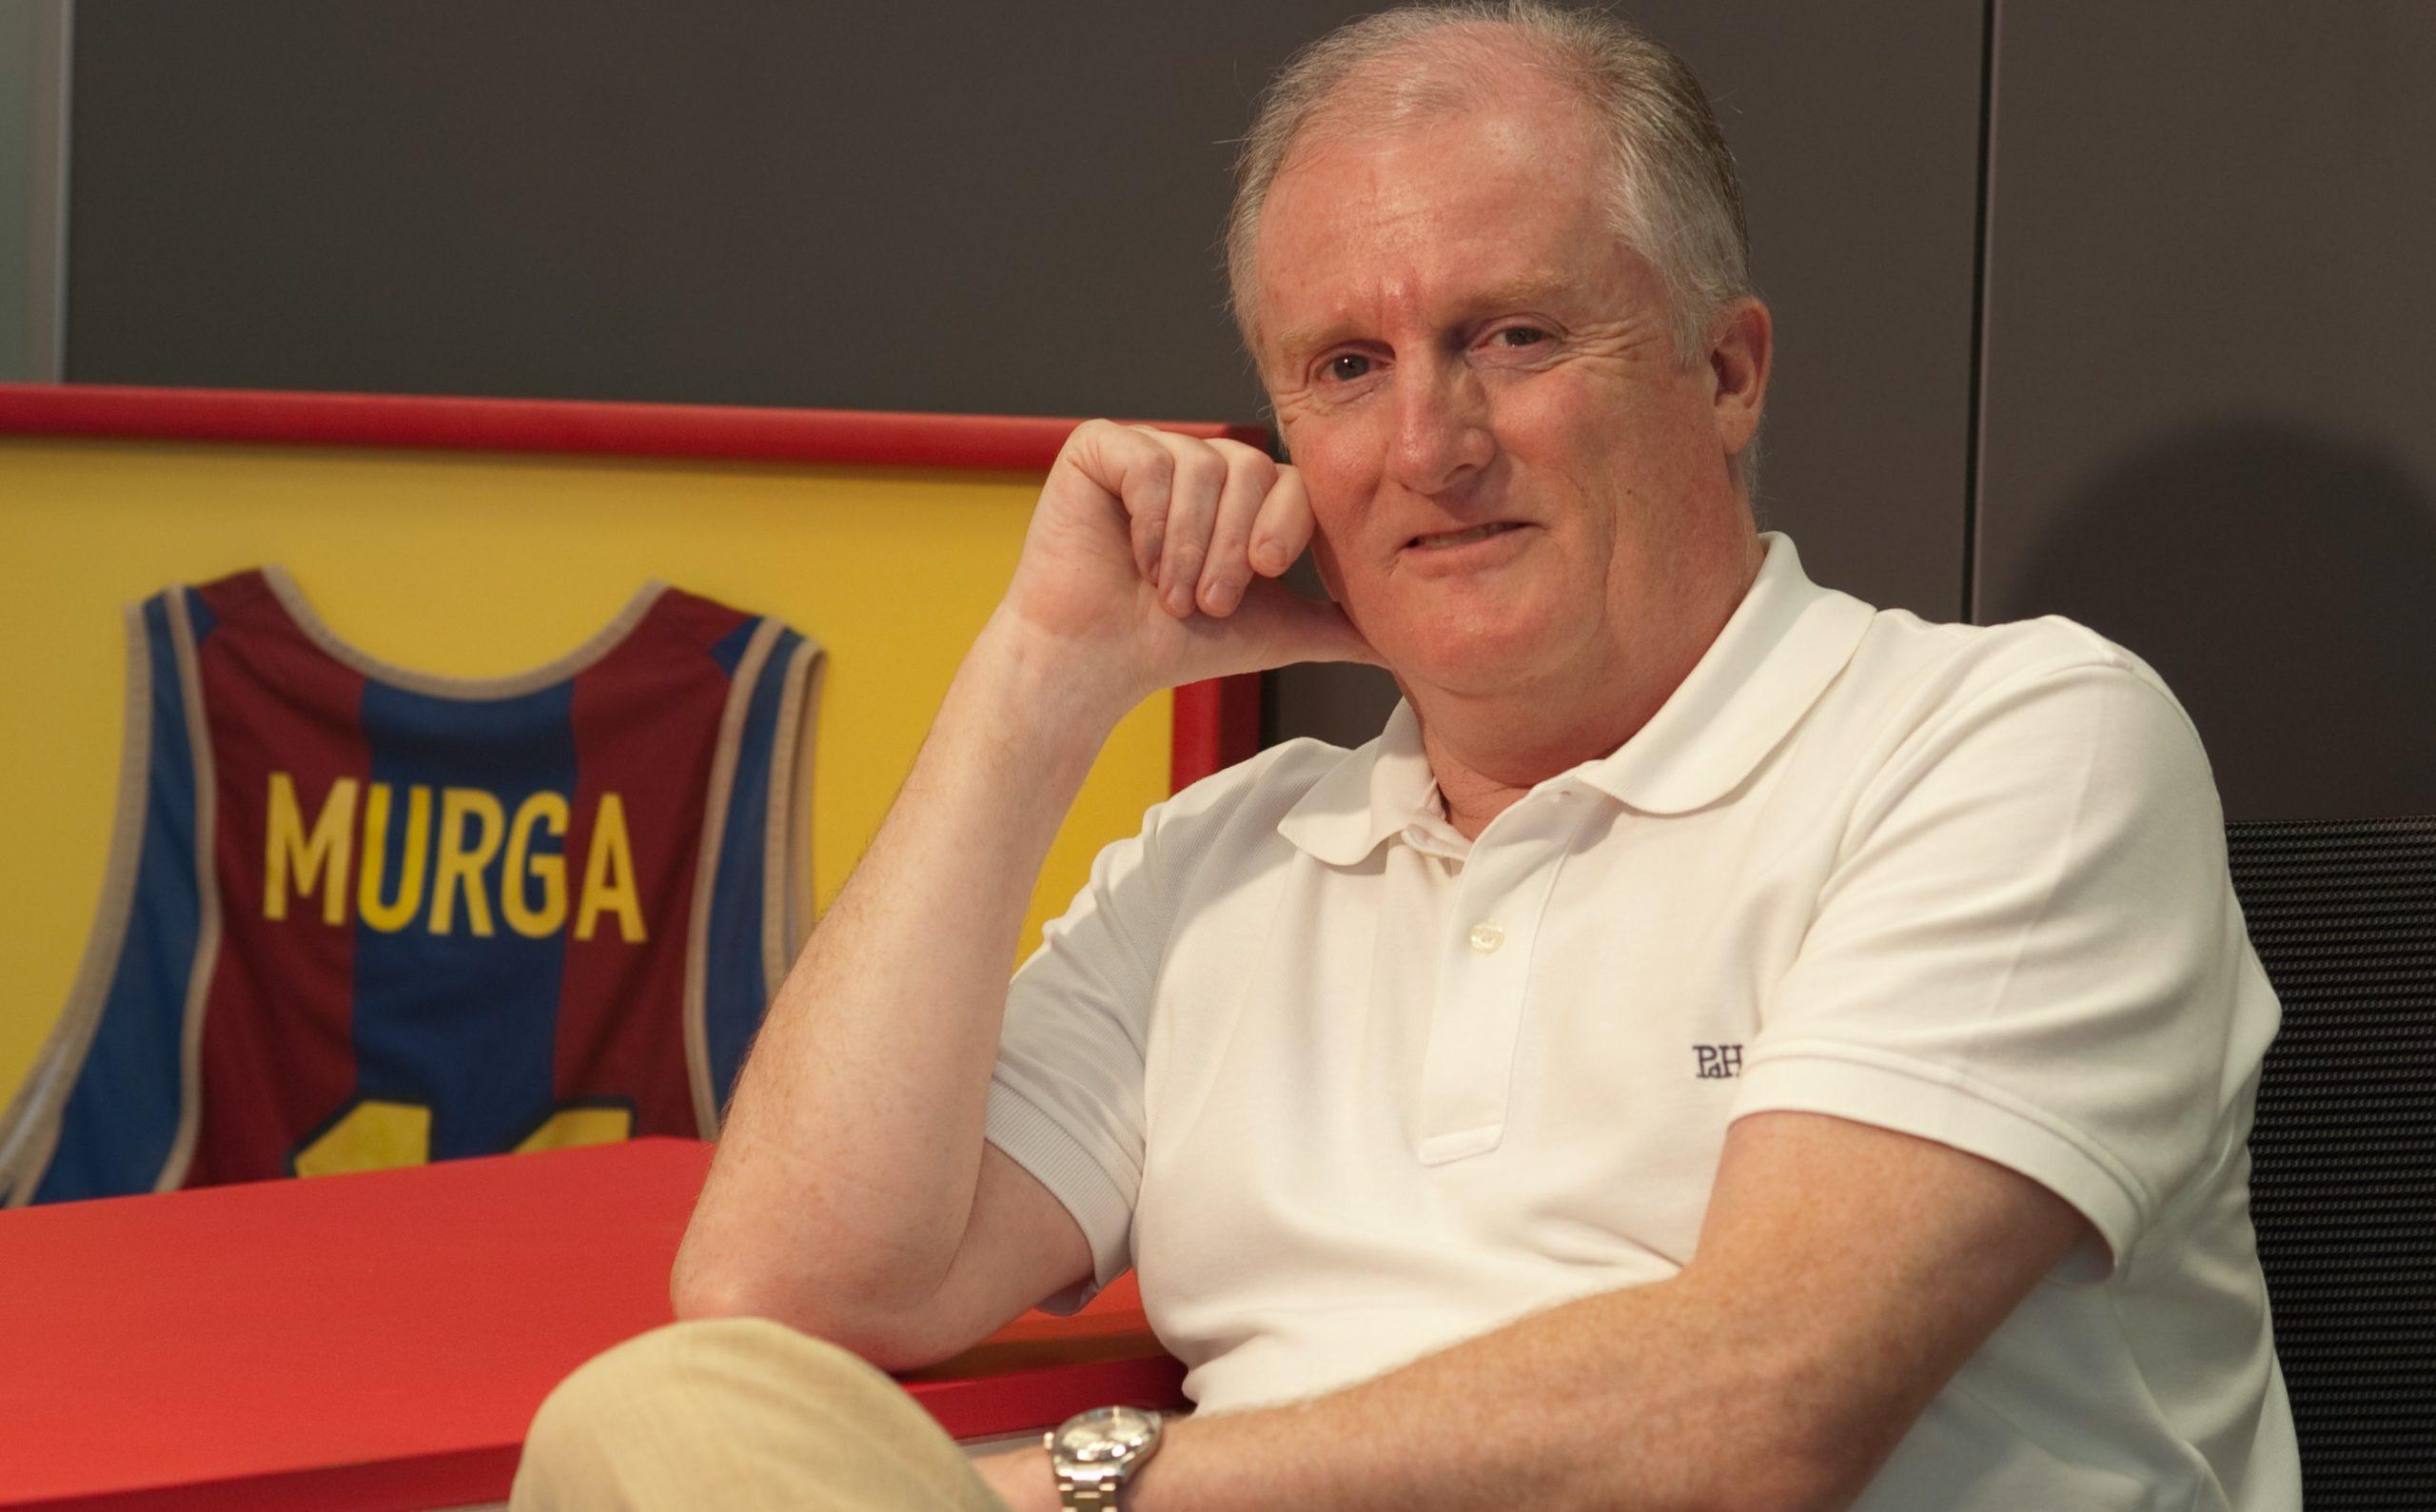 Alfons Murga